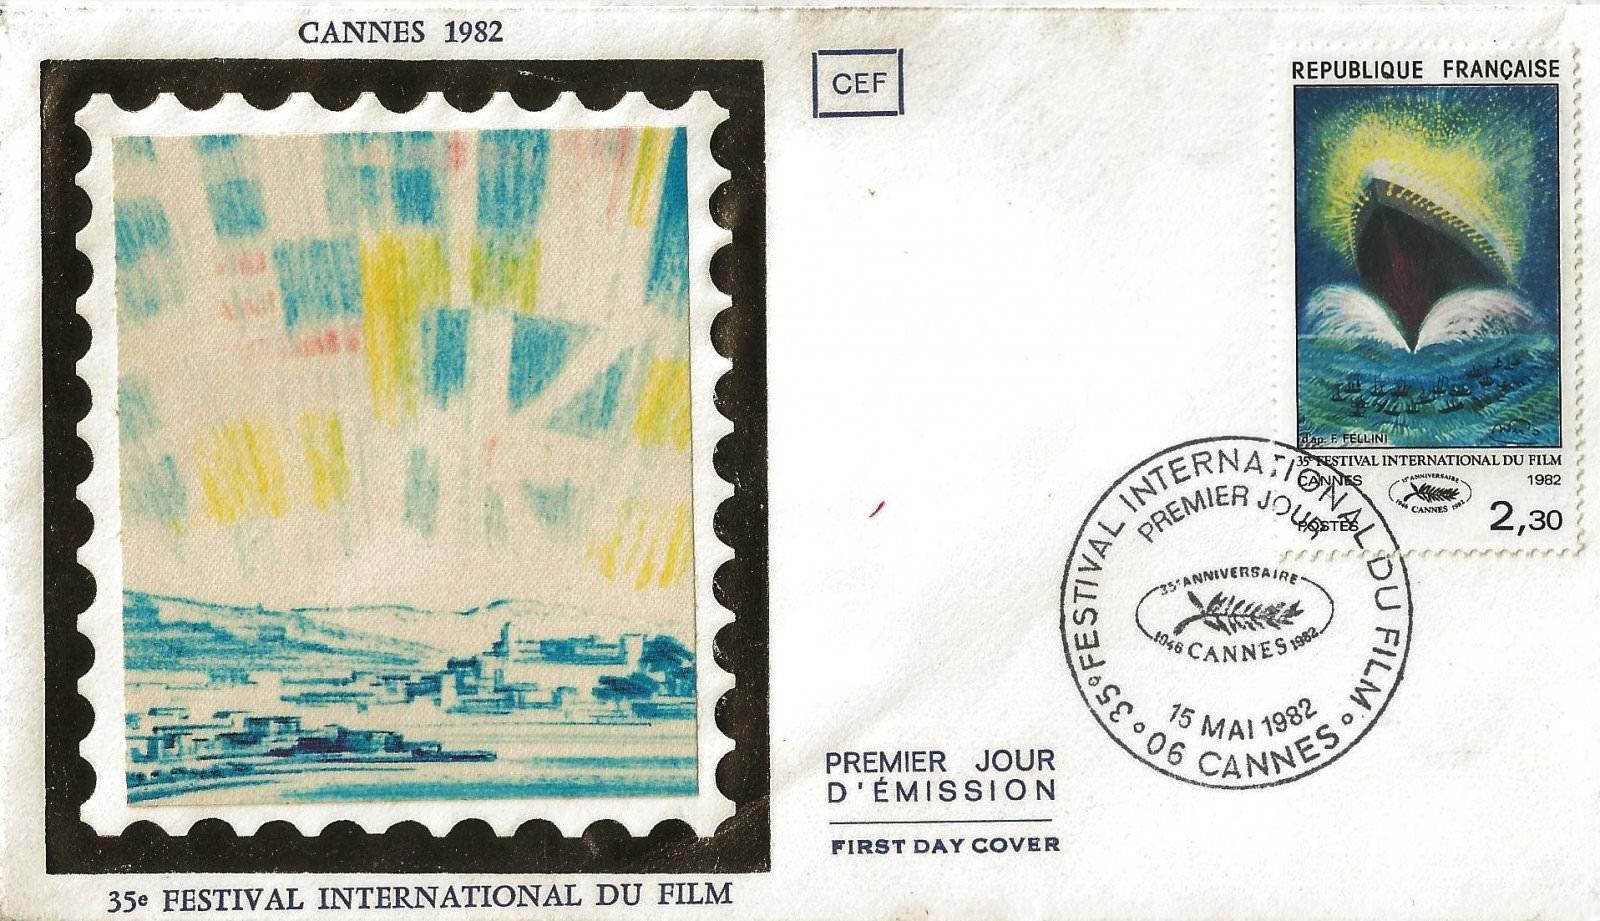 1982 festival du film